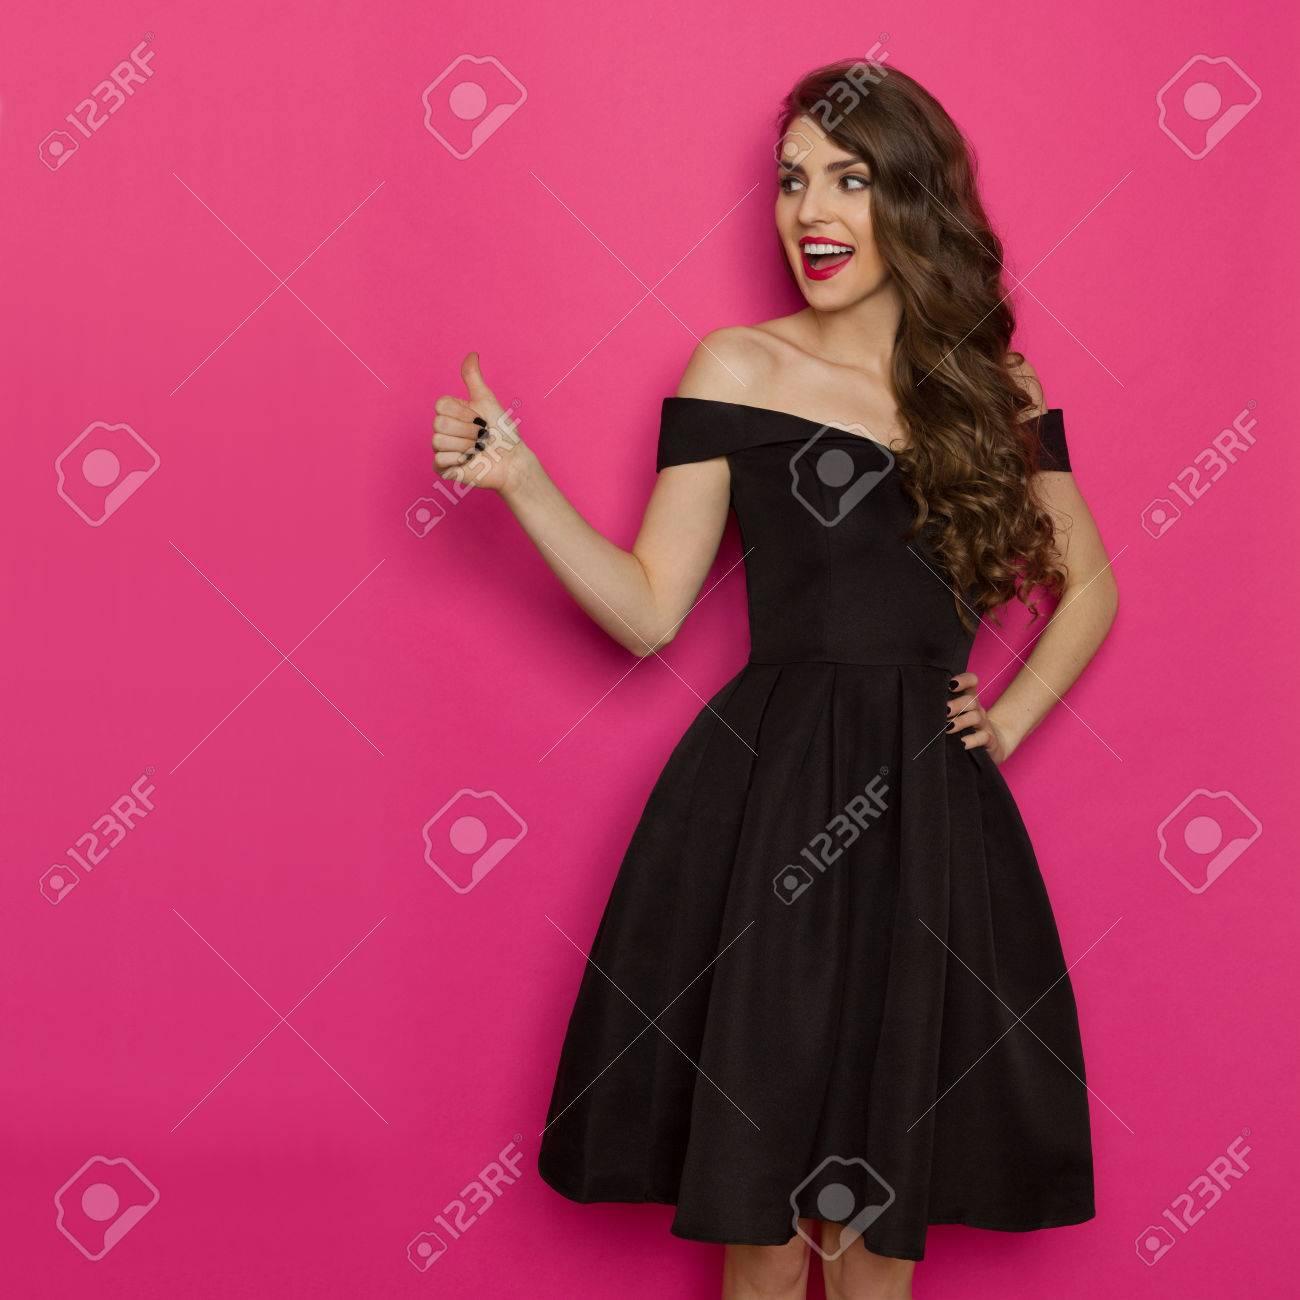 Tolle Cocktailkleider Für Junge Frauen Fotos - Brautkleider Ideen ...